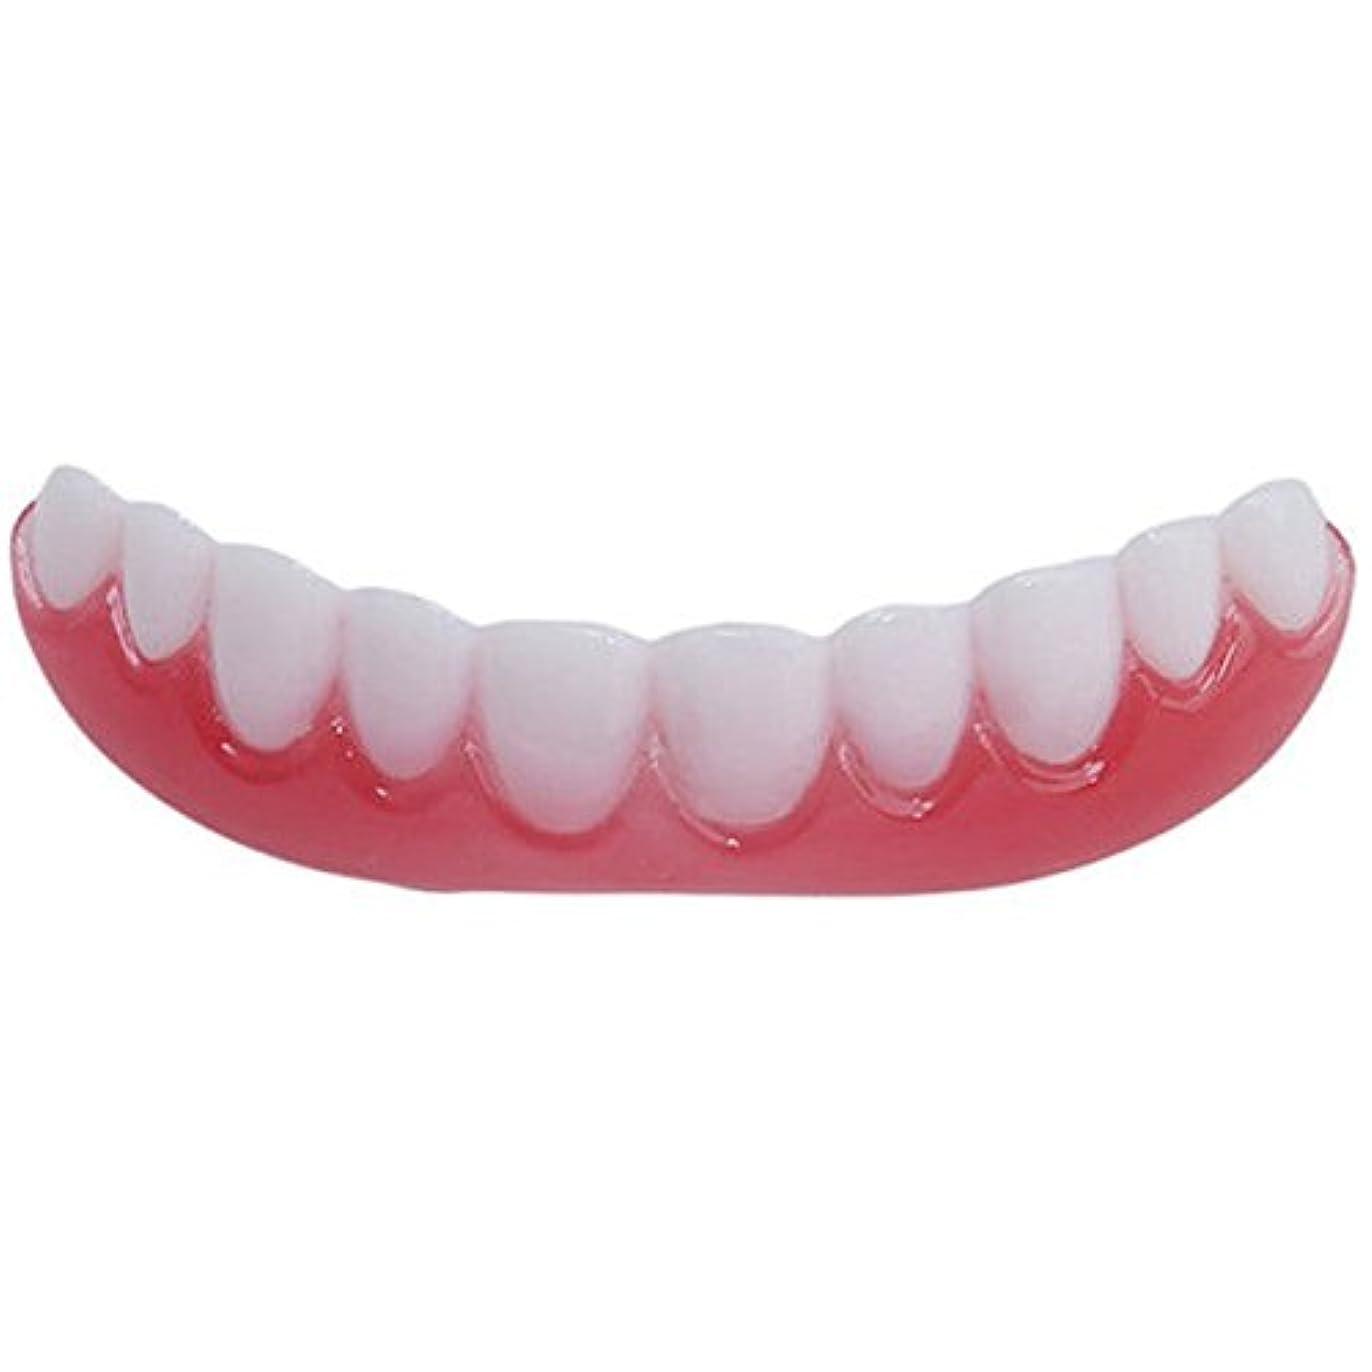 防止ライラック自信があるFashionwu 矯正 義歯 シリコン スマイル ベニア シミュレーション フレックス ペースト